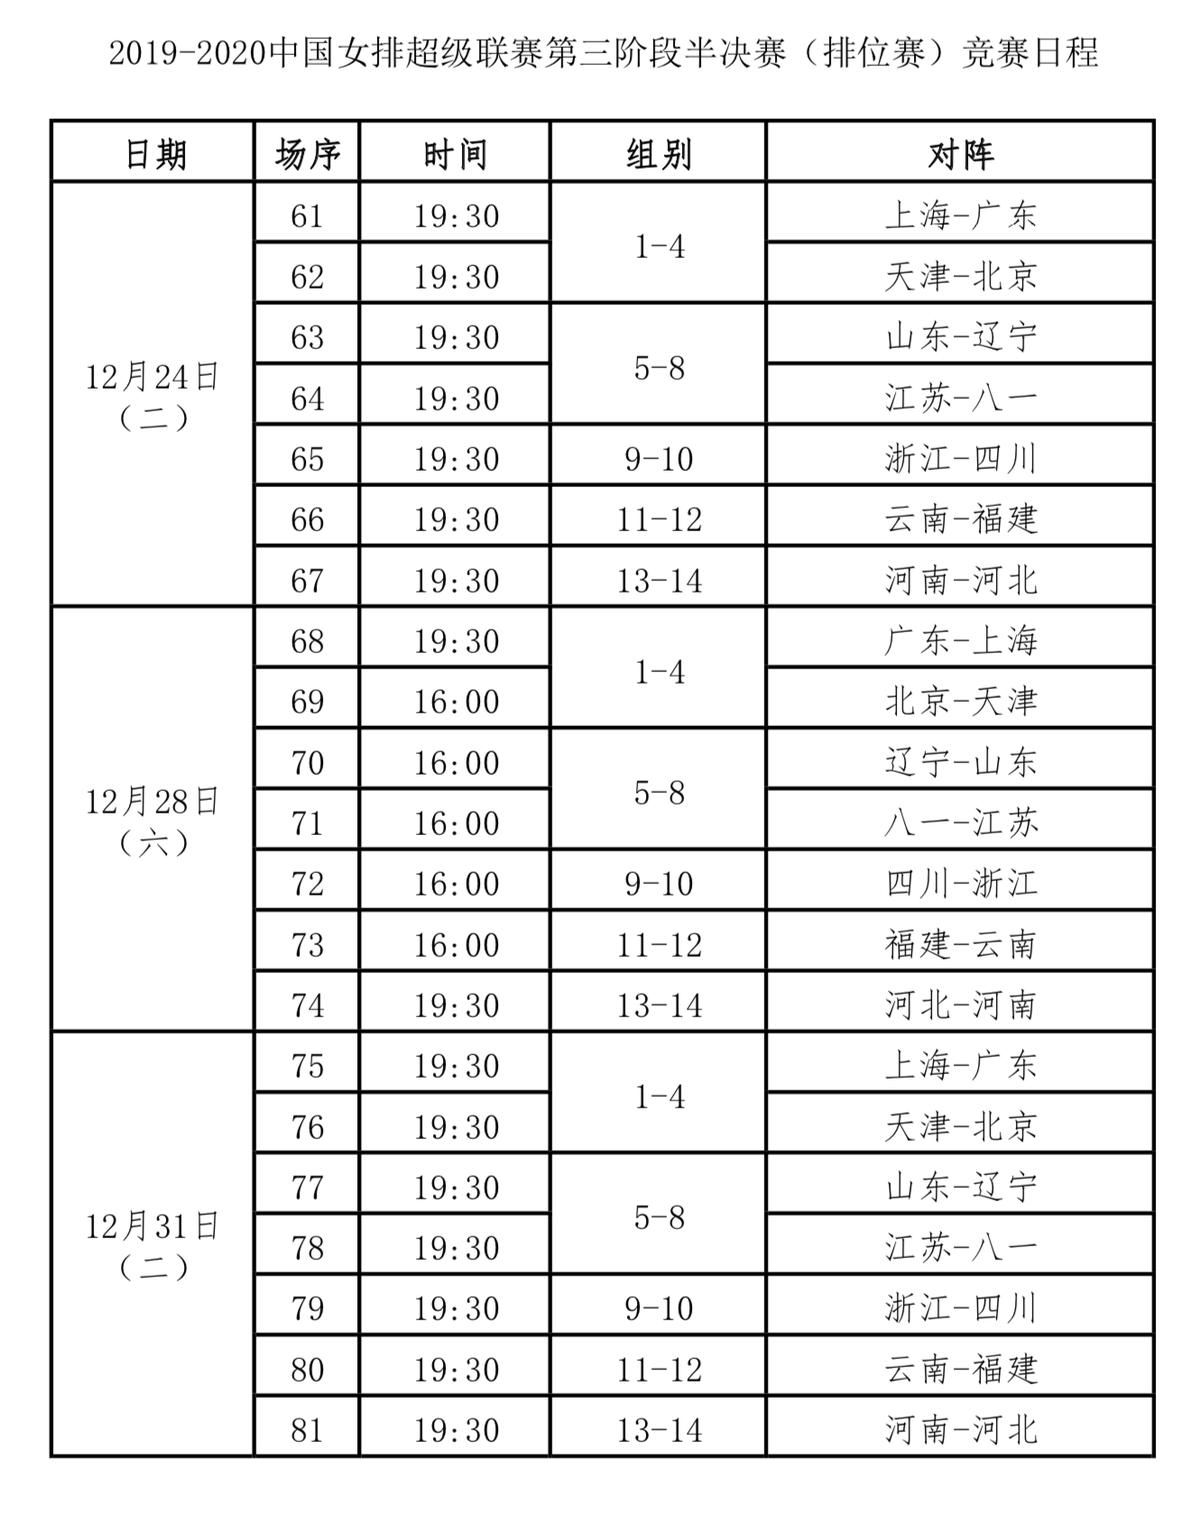 屏幕快照 2019-12-18 下午3.25.51